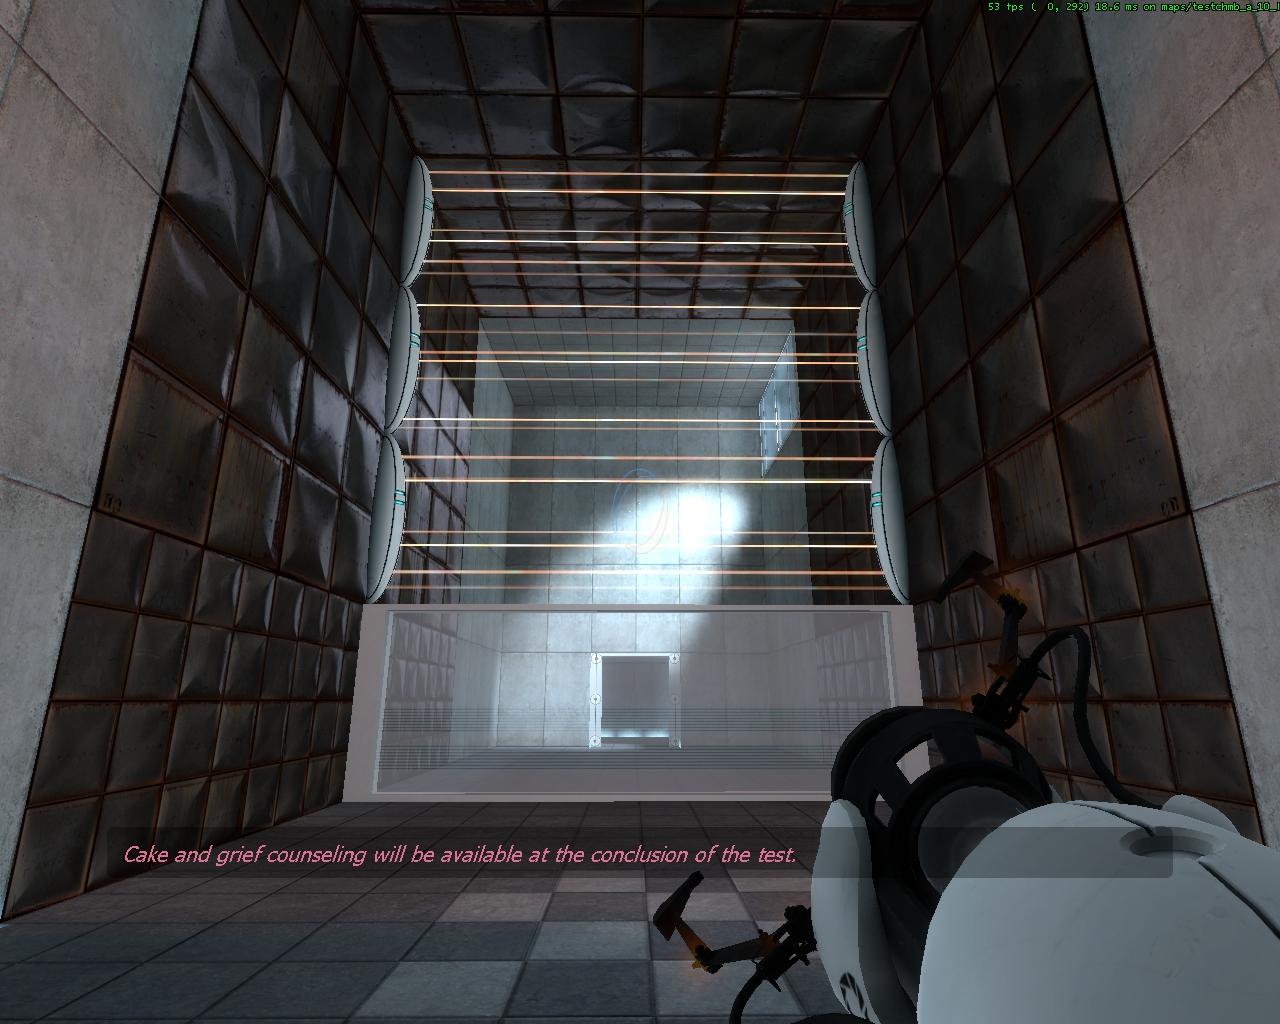 testchmb_a_10_leipzigera0032.jpg - Portal Portal 2006, Portal Beta, testchmb_a_10_leipzigera